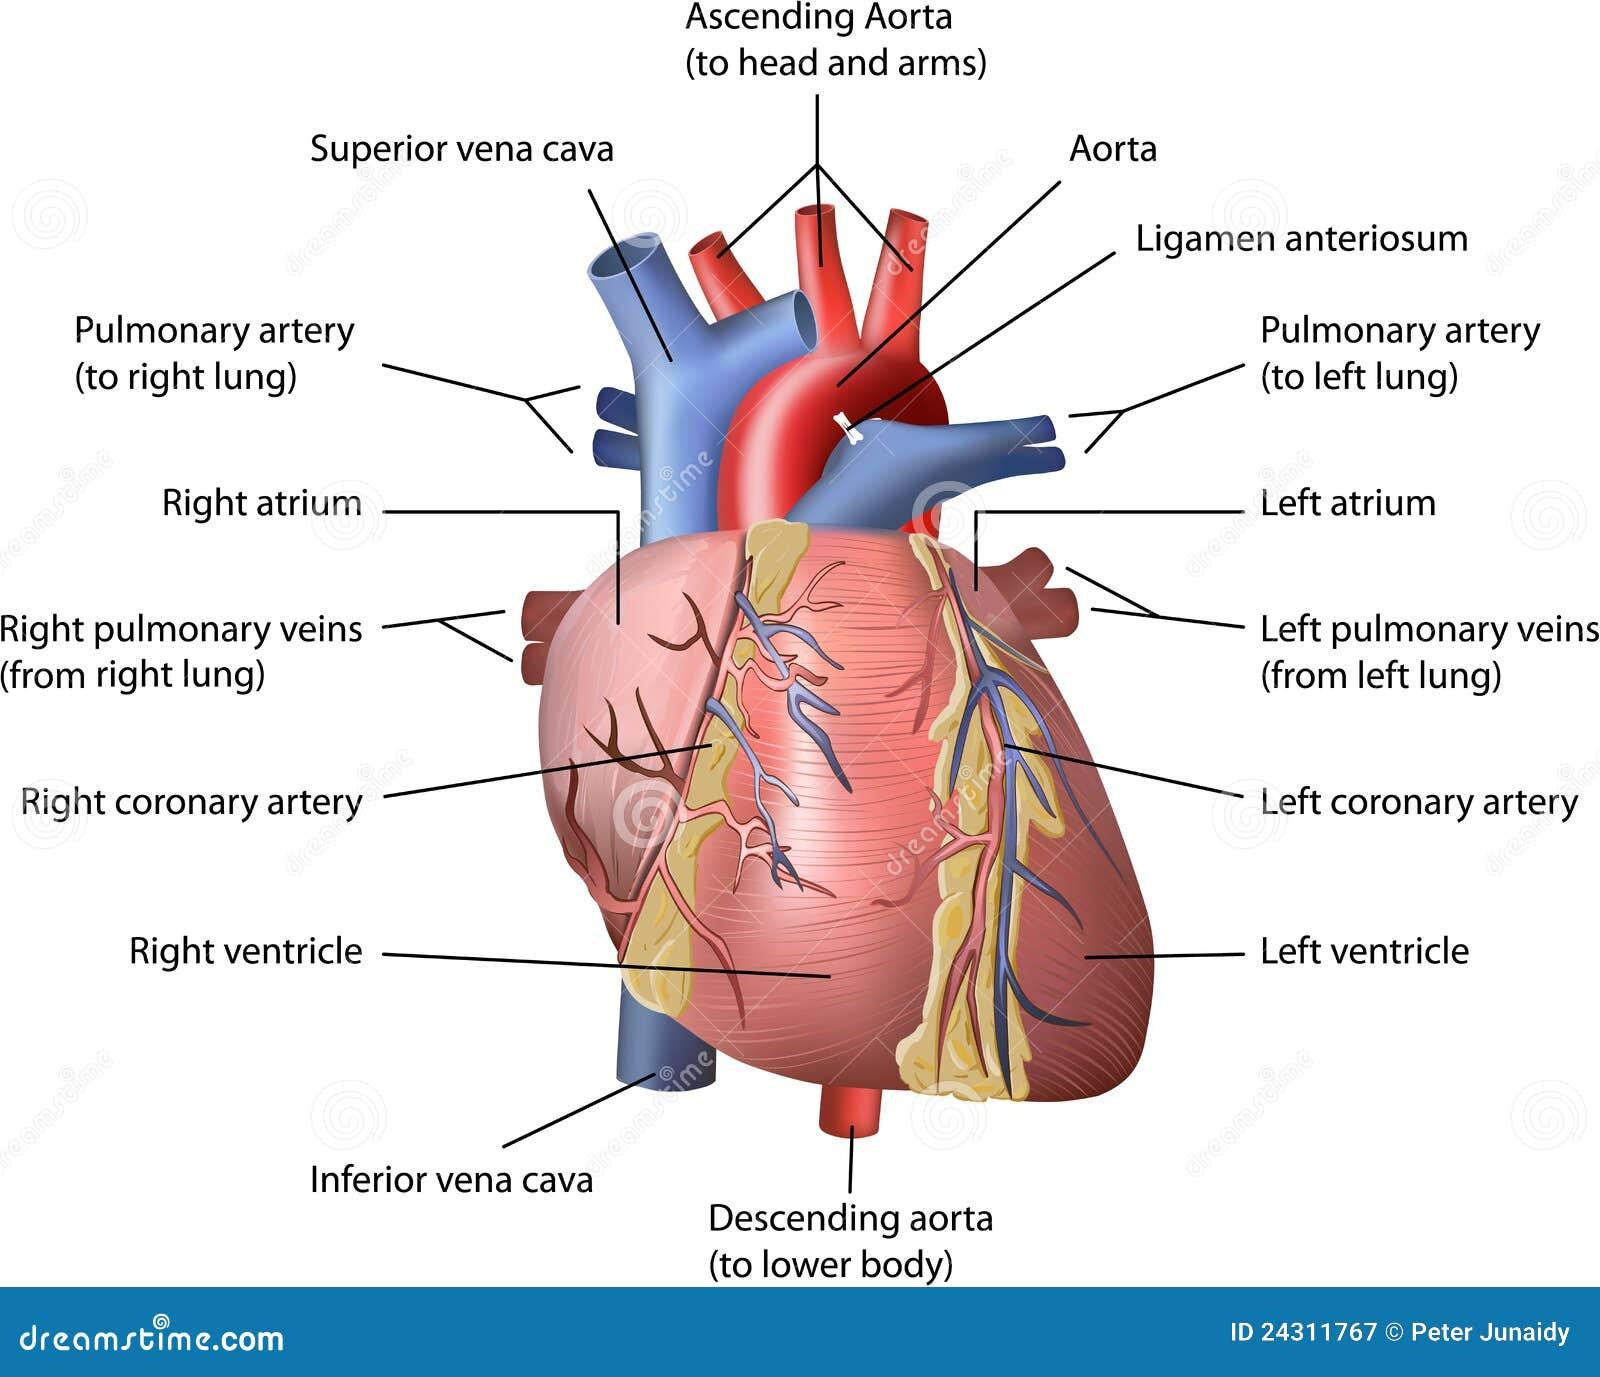 Asombroso Imagen Del Diagrama De Corazón Humano Viñeta - Imágenes de ...